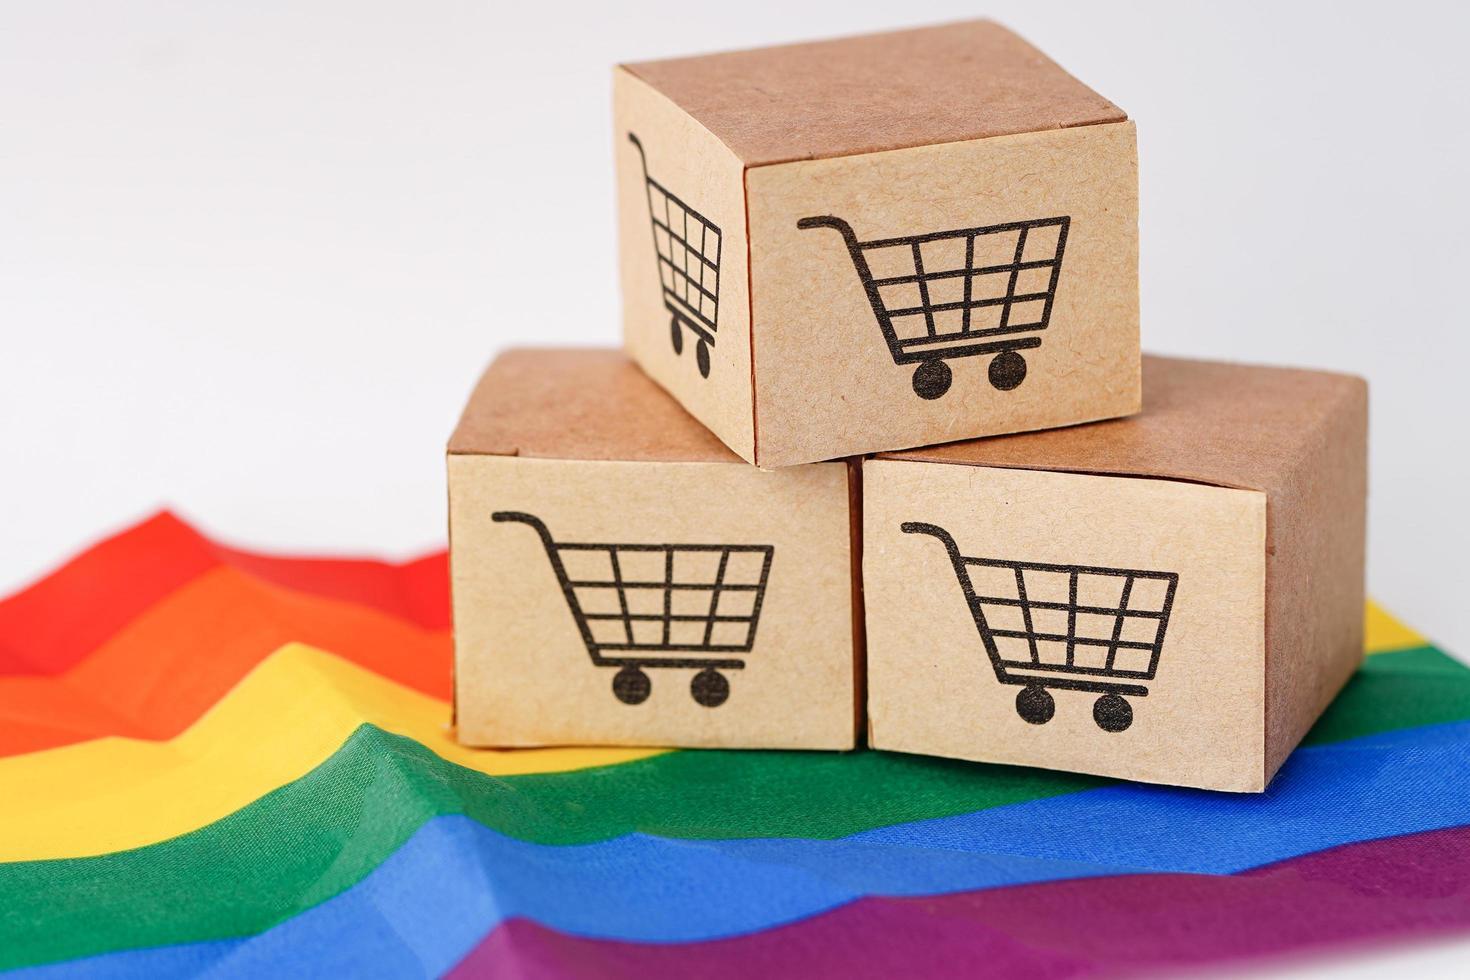 caja de carrito de compras en bandera lgbt, importación y exportación foto